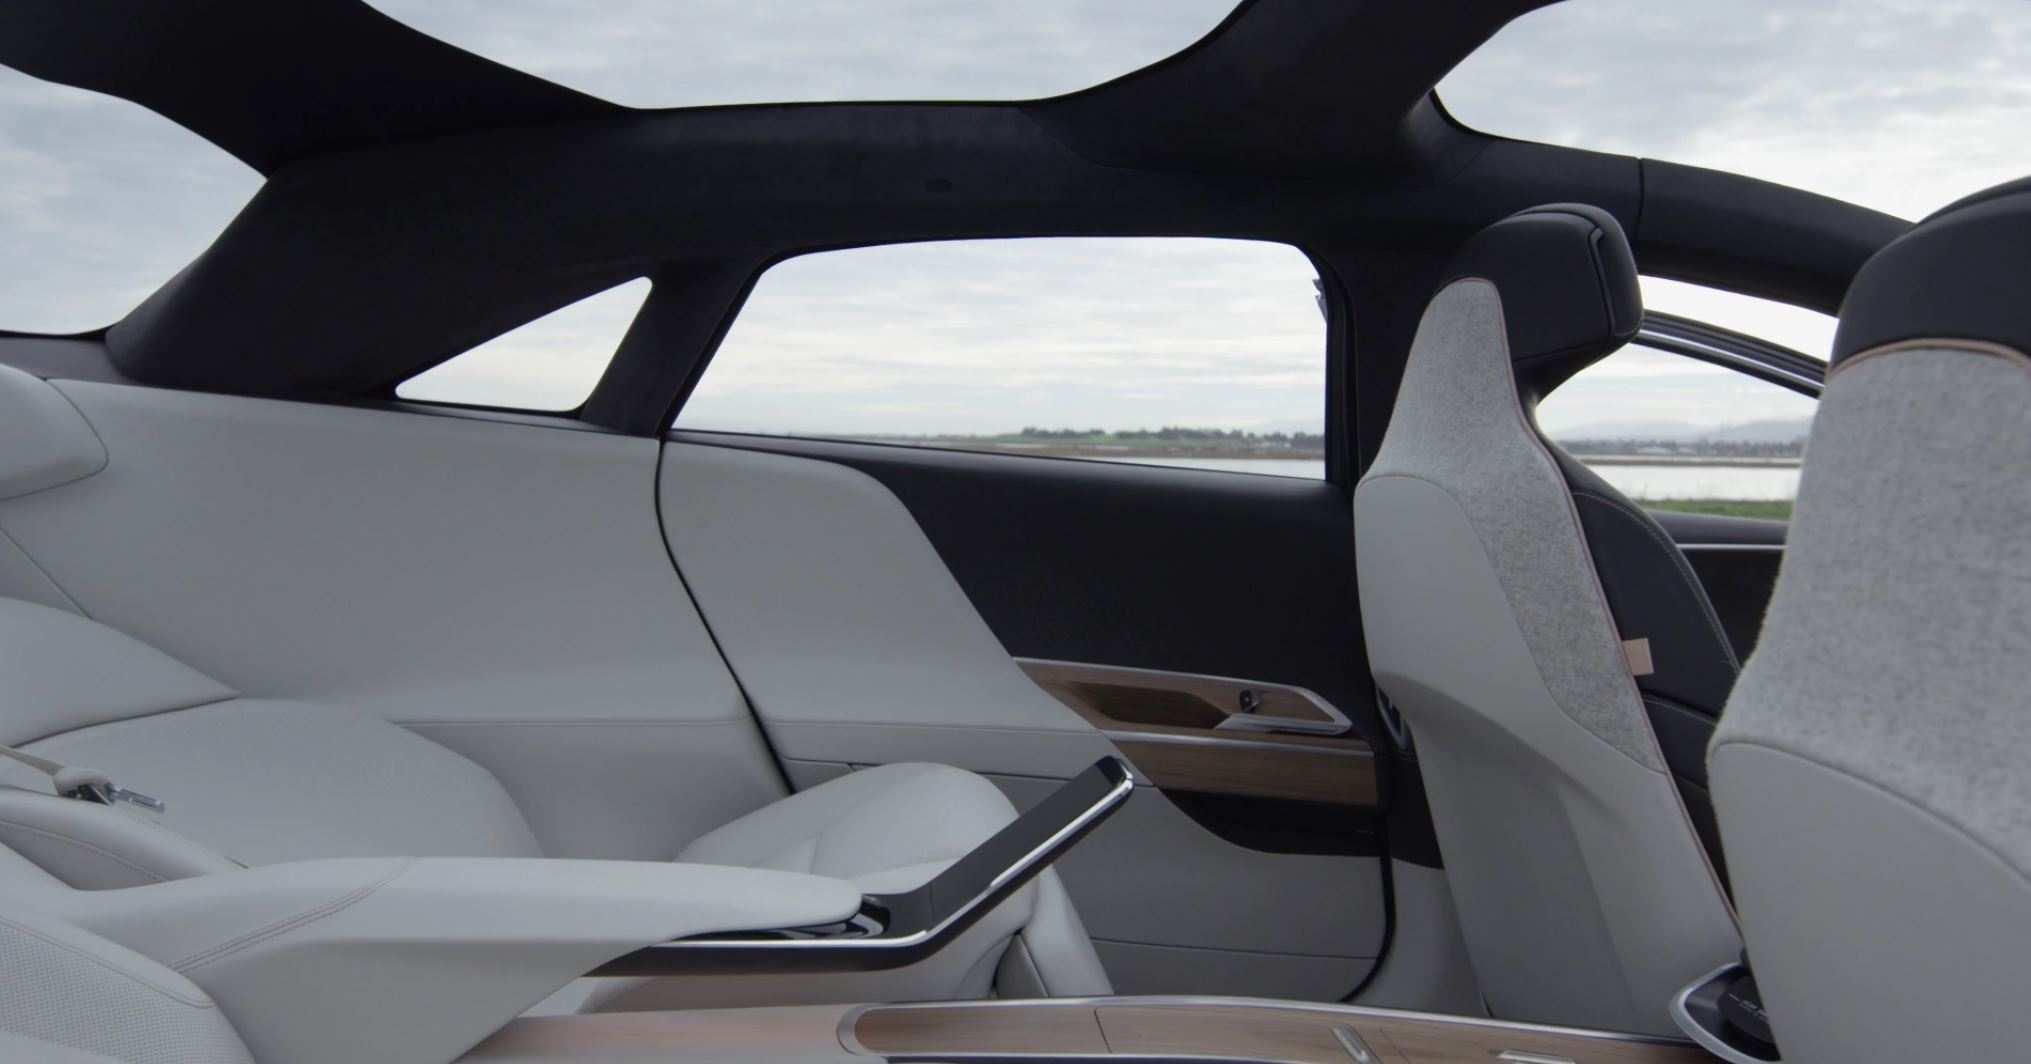 48 Concept of Lucid Air 2019 Tesla Model S Killer Exterior with Lucid Air 2019 Tesla Model S Killer